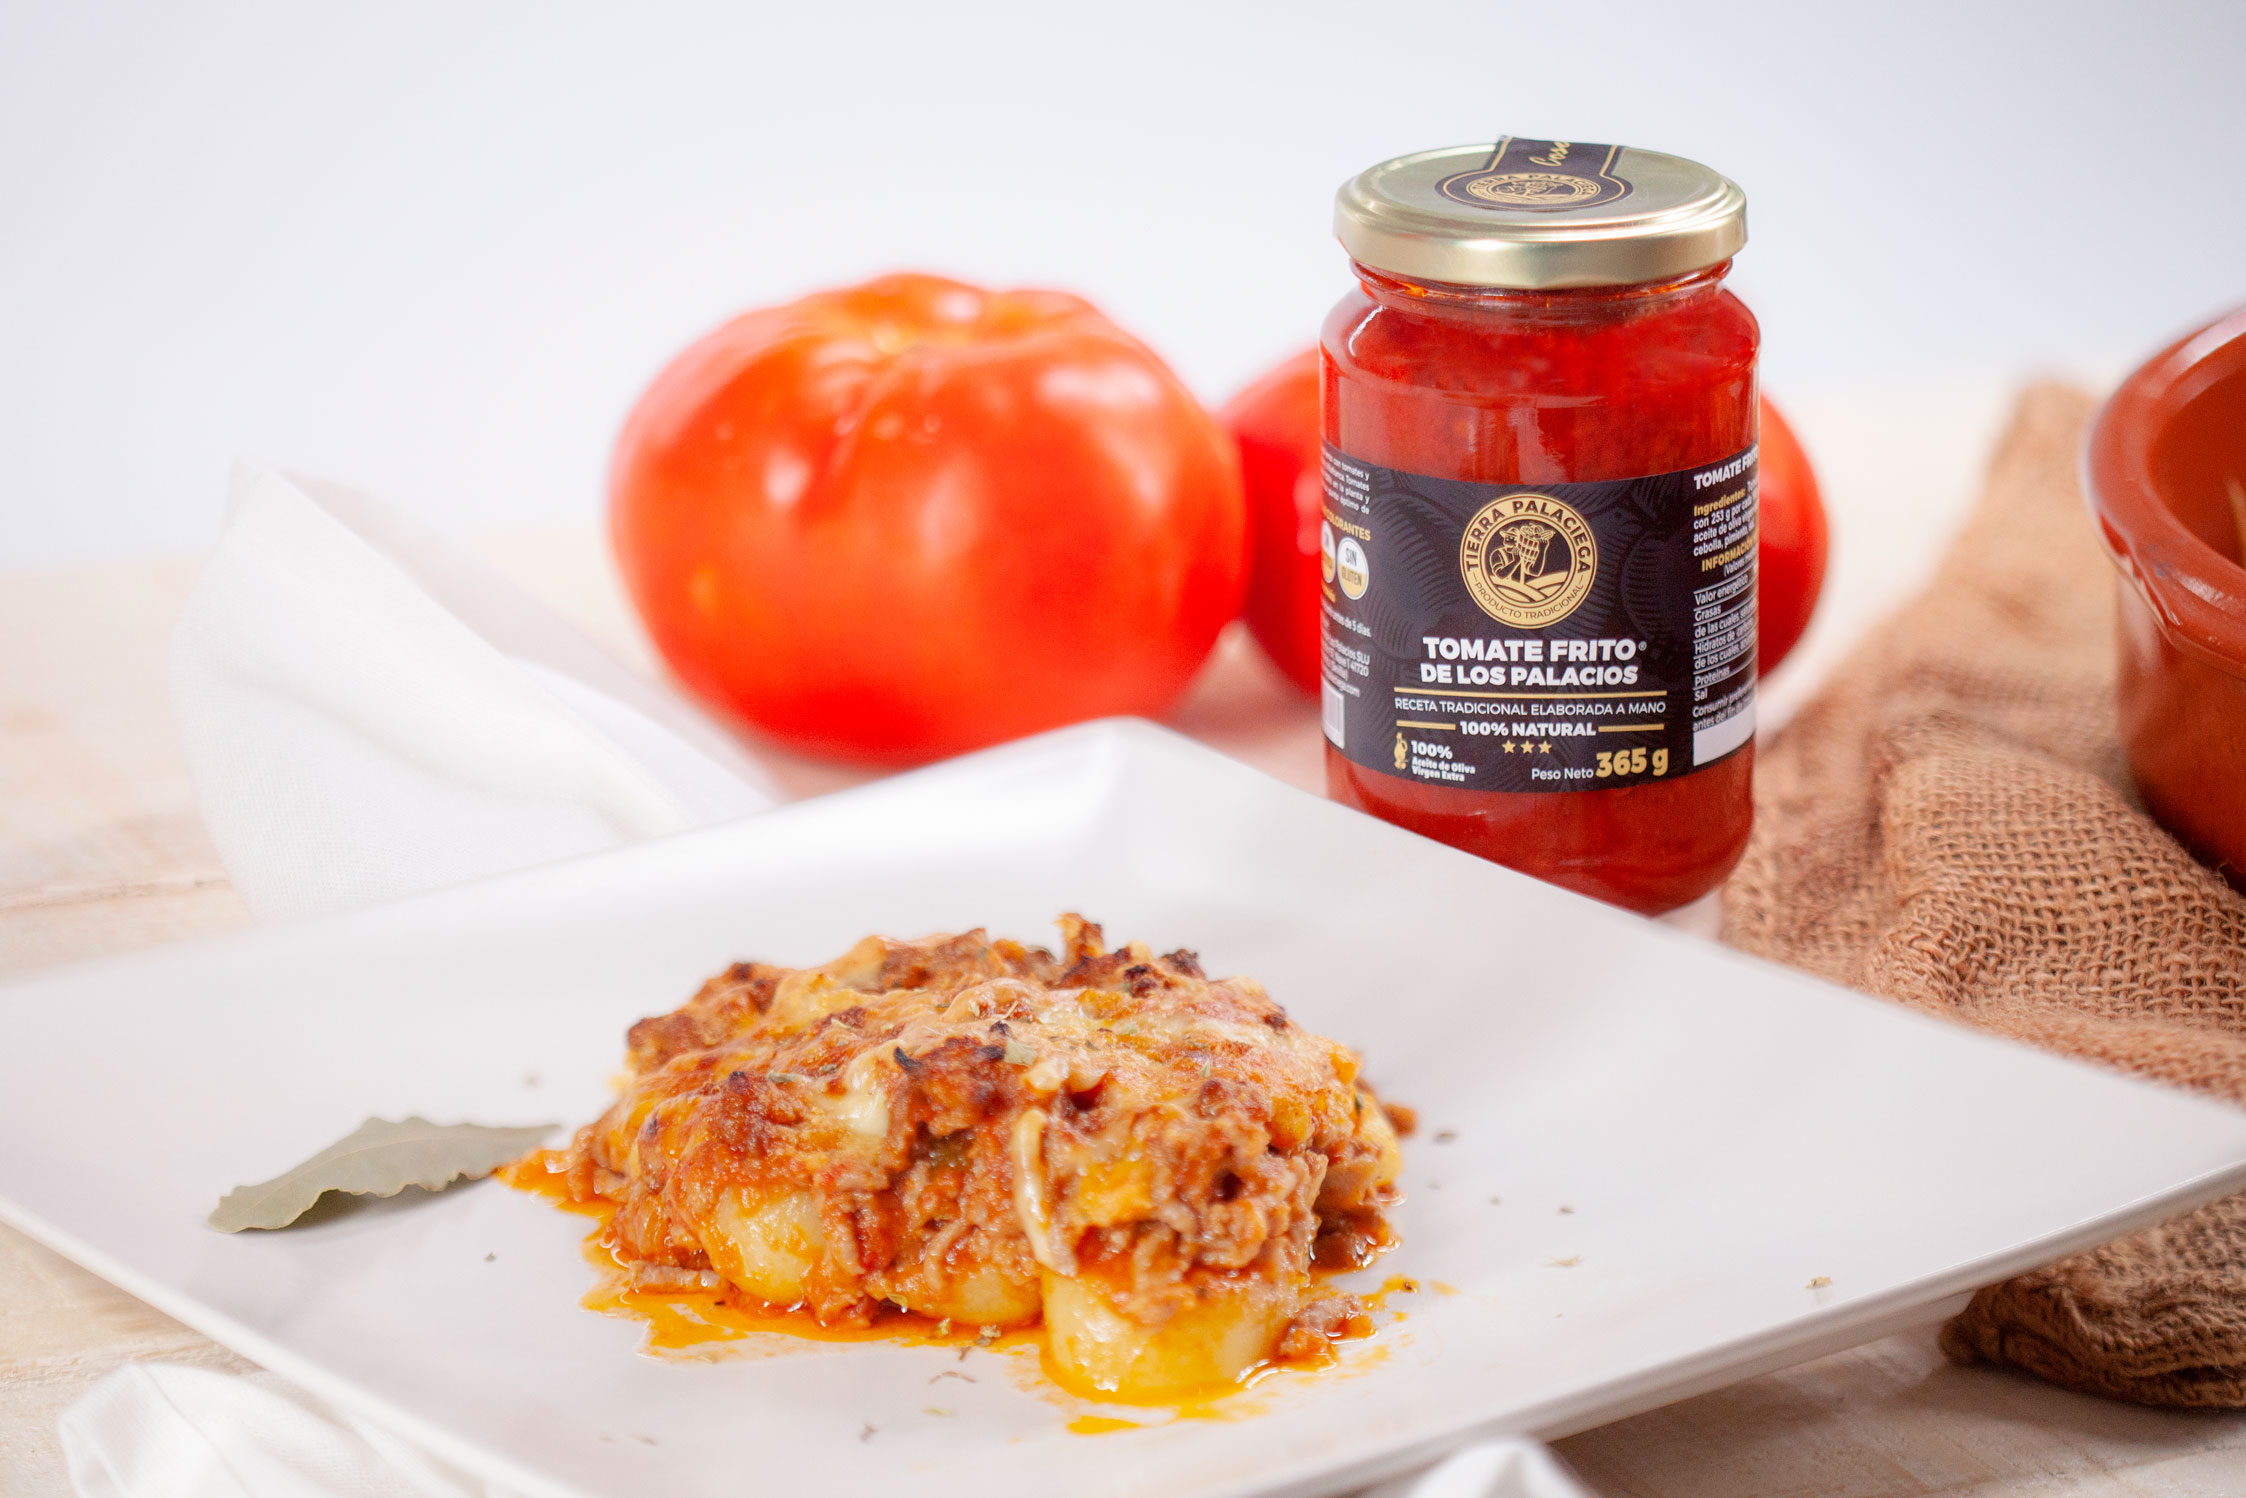 Carne picada con tomate frito de Tierra Palaciega en base de patatas al horno